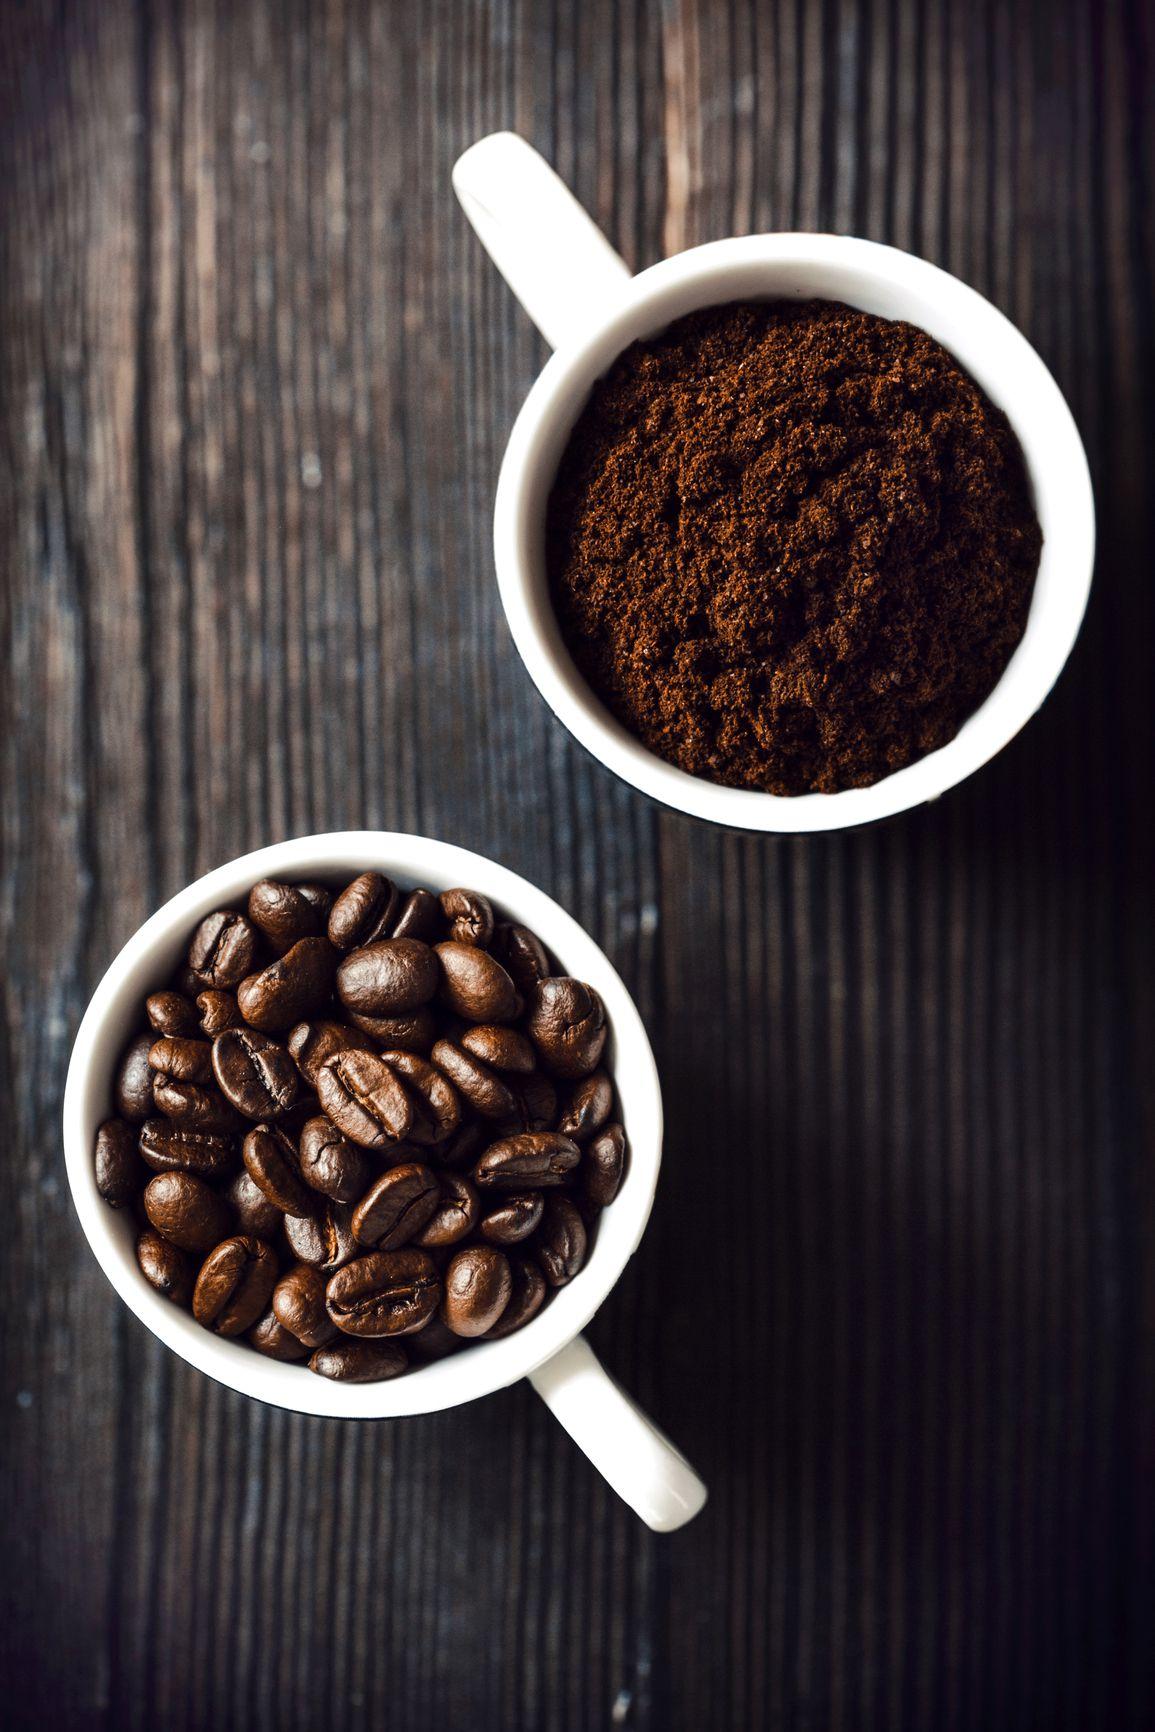 The 10 Best Coffee Grinders of 2021